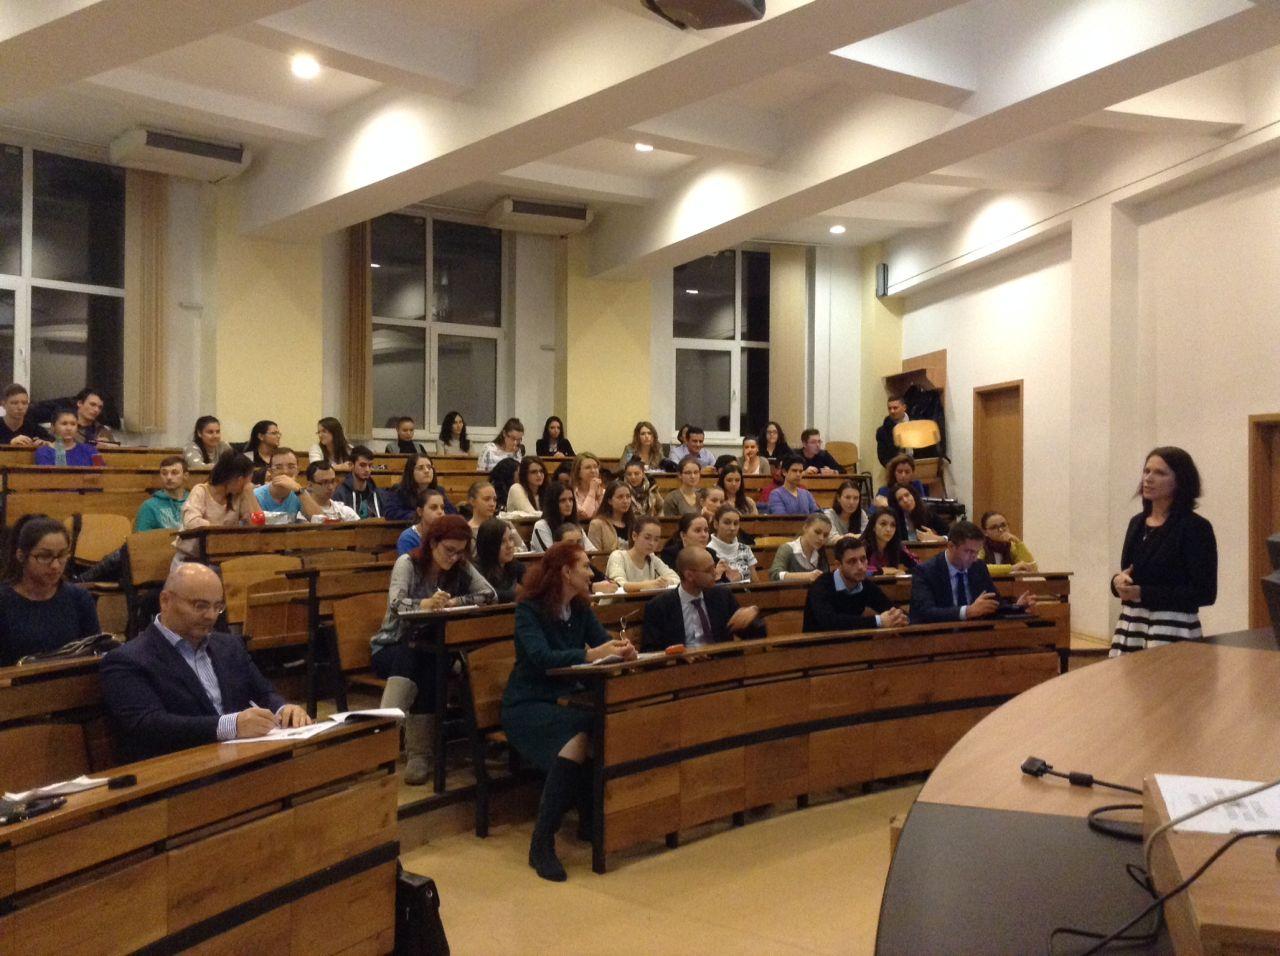 Studentii de la ASE au aflat mai multe despre asigurari de la specialistii UNSAR